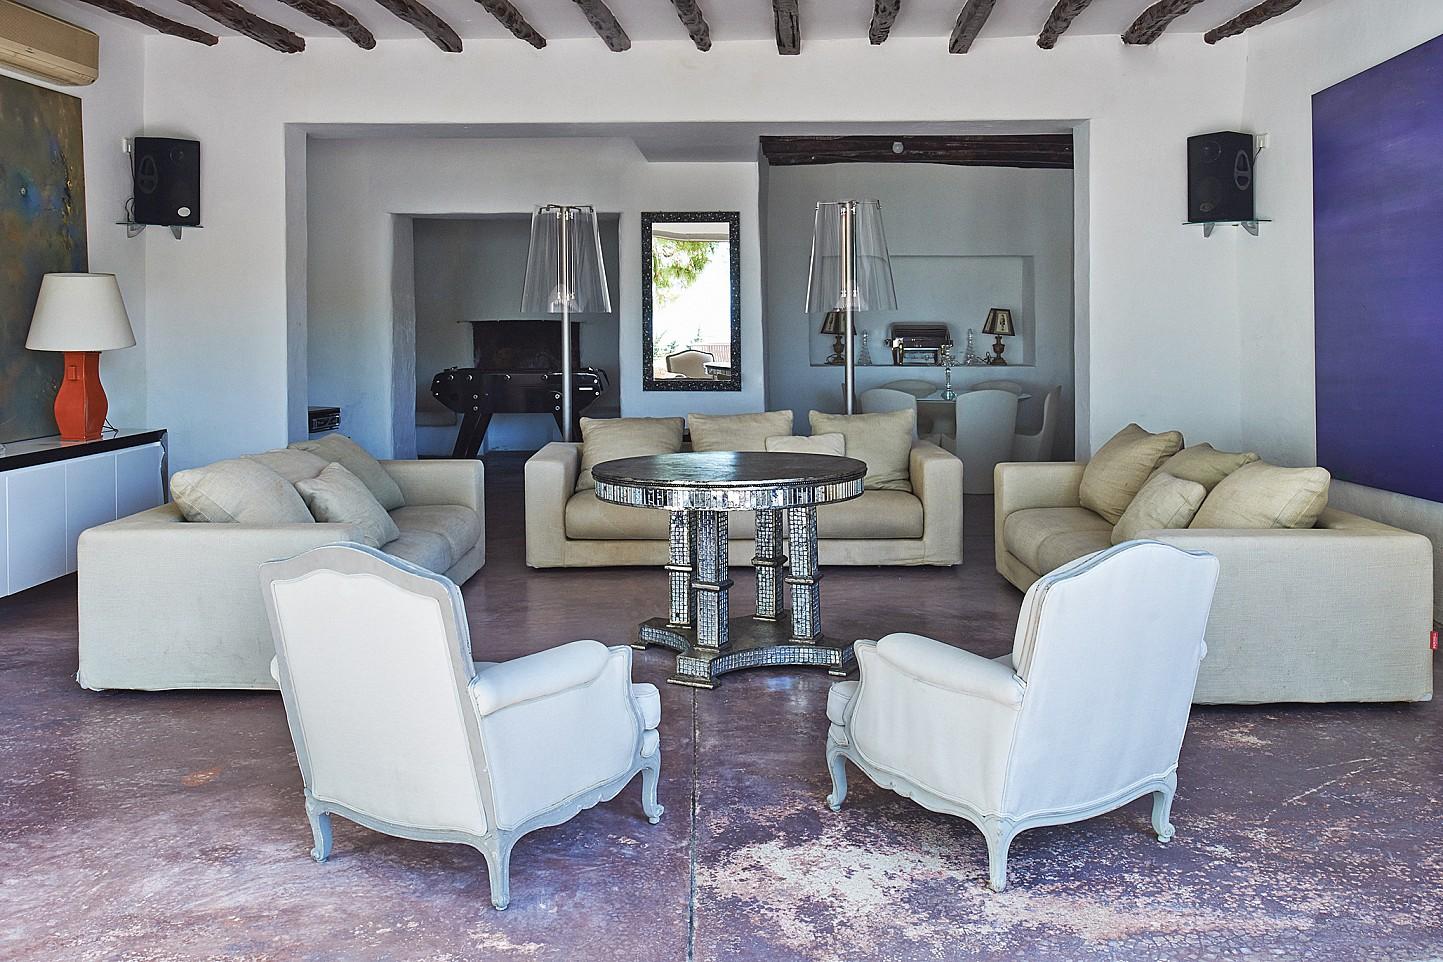 Шикарная гостиная виллы в аренду на Ибице